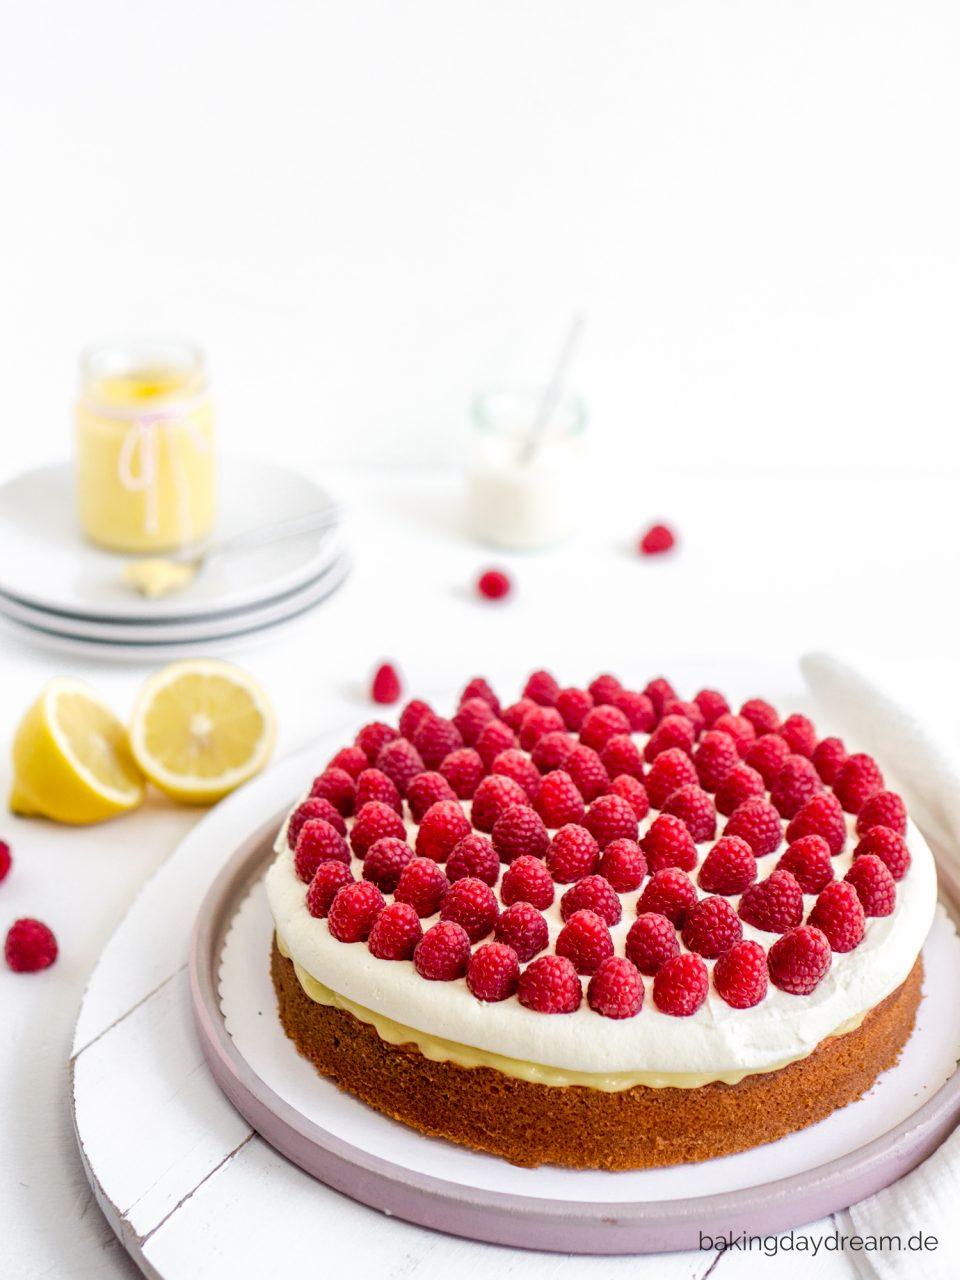 Zitronen-Joghurt-Kuchen mit Himbeeren